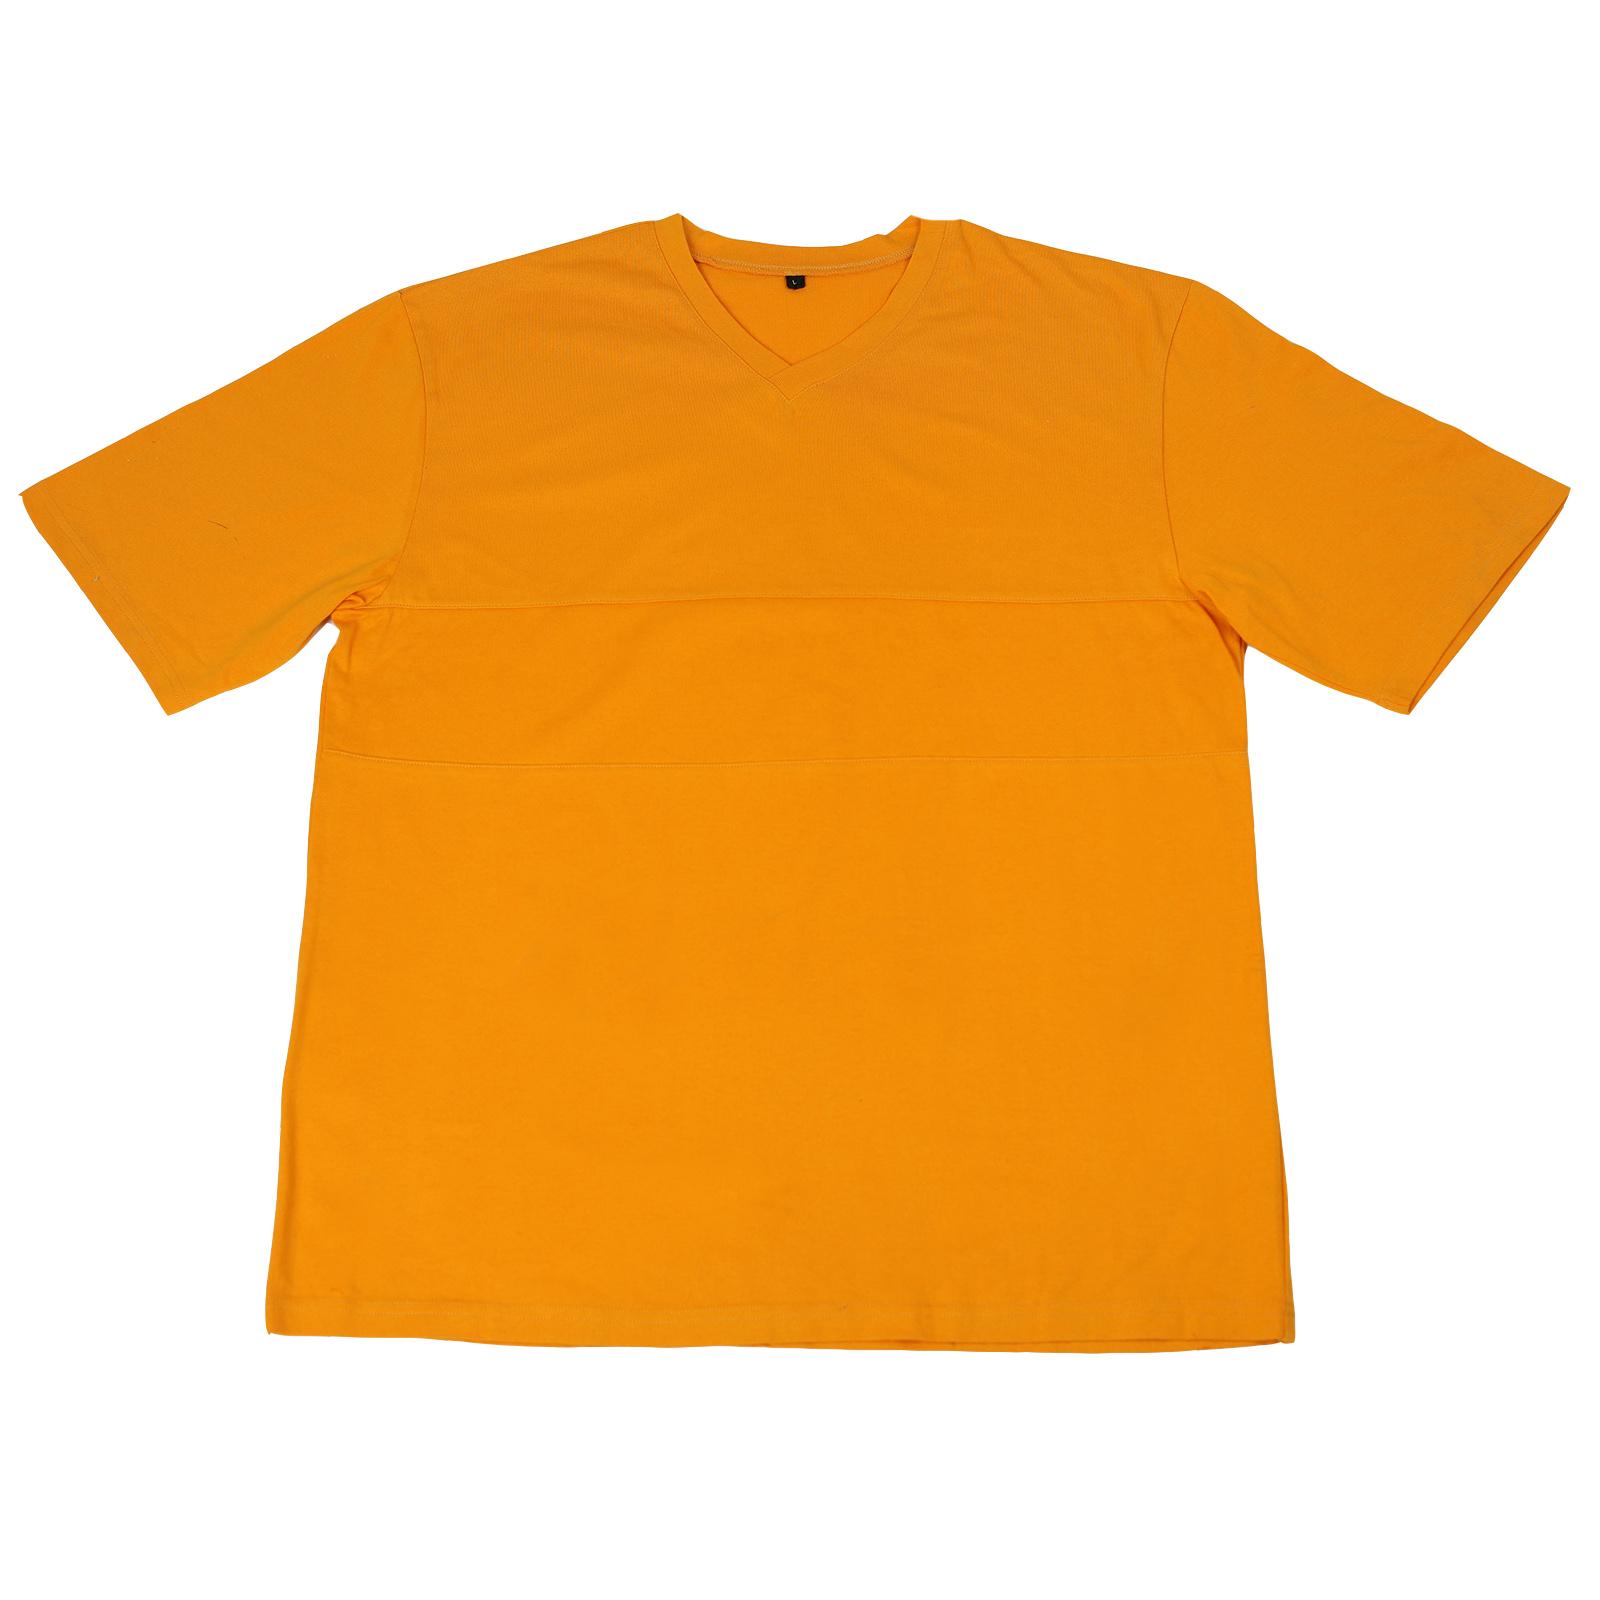 Желтая футболка для спорта и отдыха